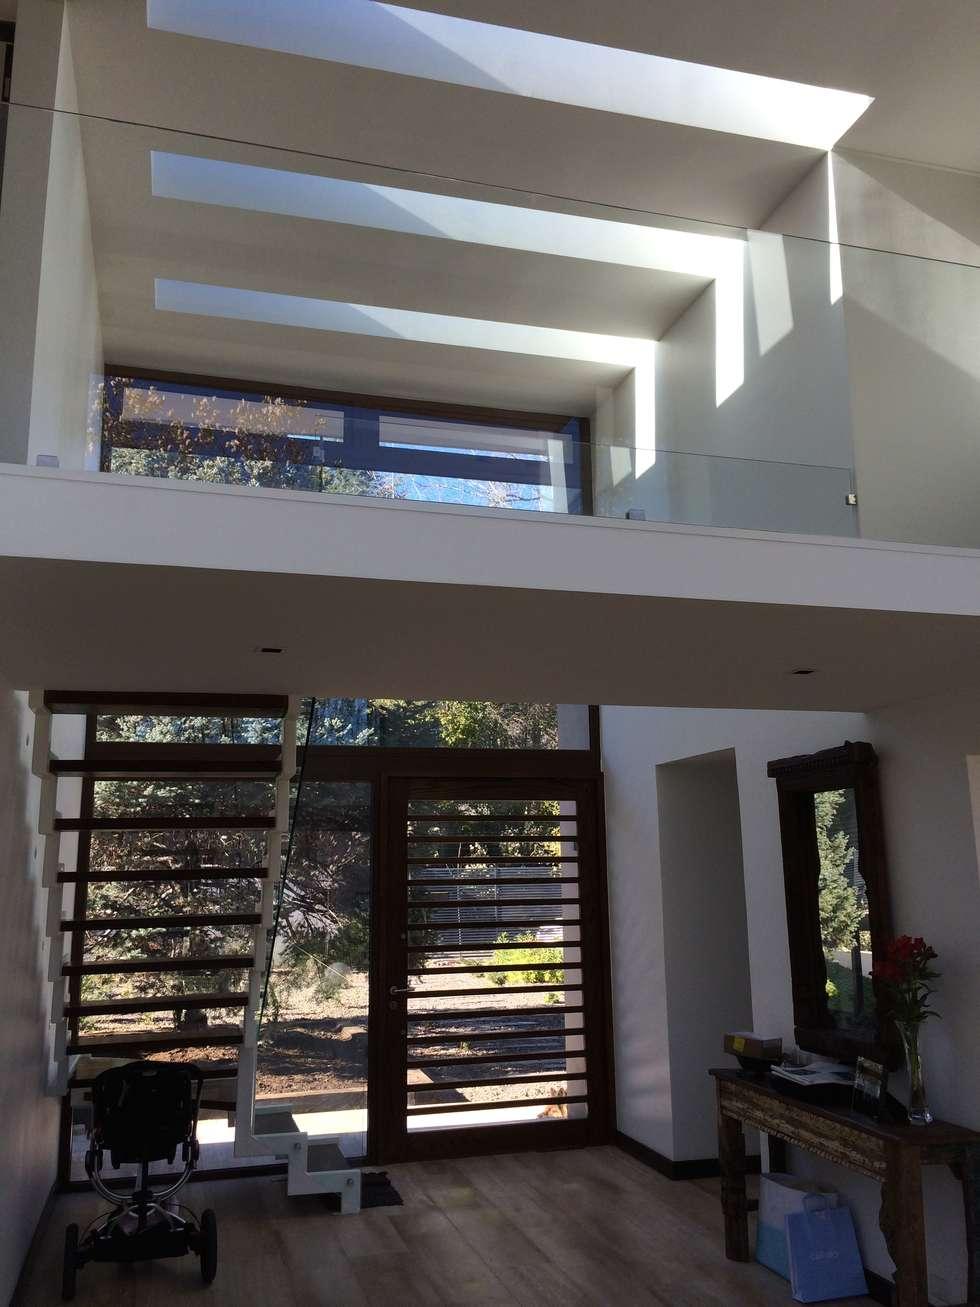 CASA UNIFAMILIAR : Casas unifamiliares de estilo  por PICHARA + RIOS arquitectos